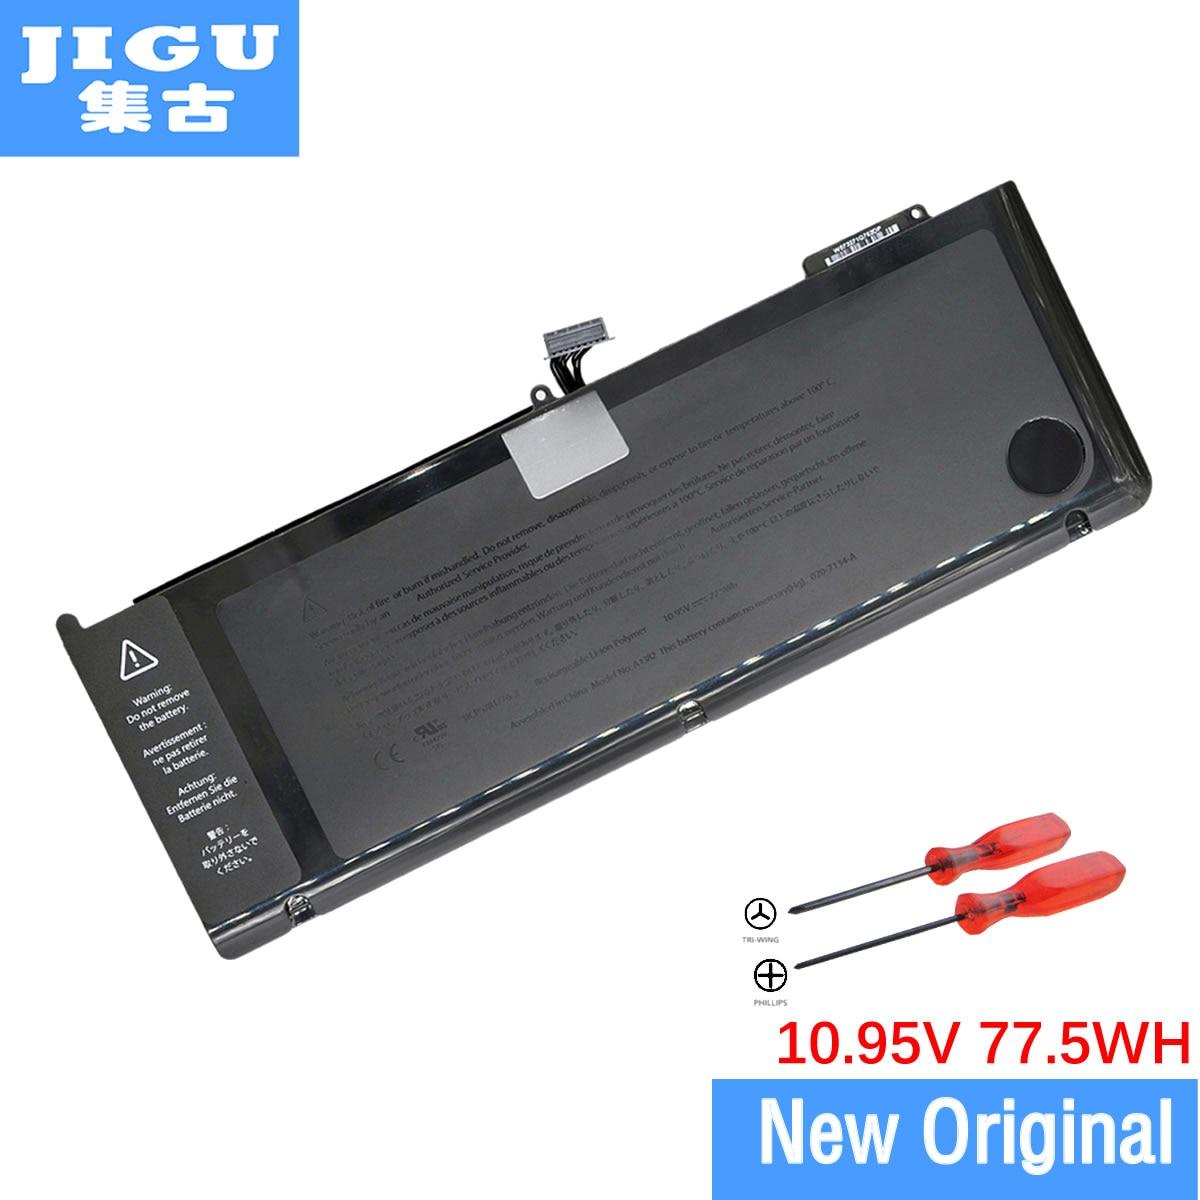 """JIGU A1382 բնօրինակ դյուրակիր մարտկոց Apple- ի համար MacBook Pro 15 """"A1286 MC721 MC723"""